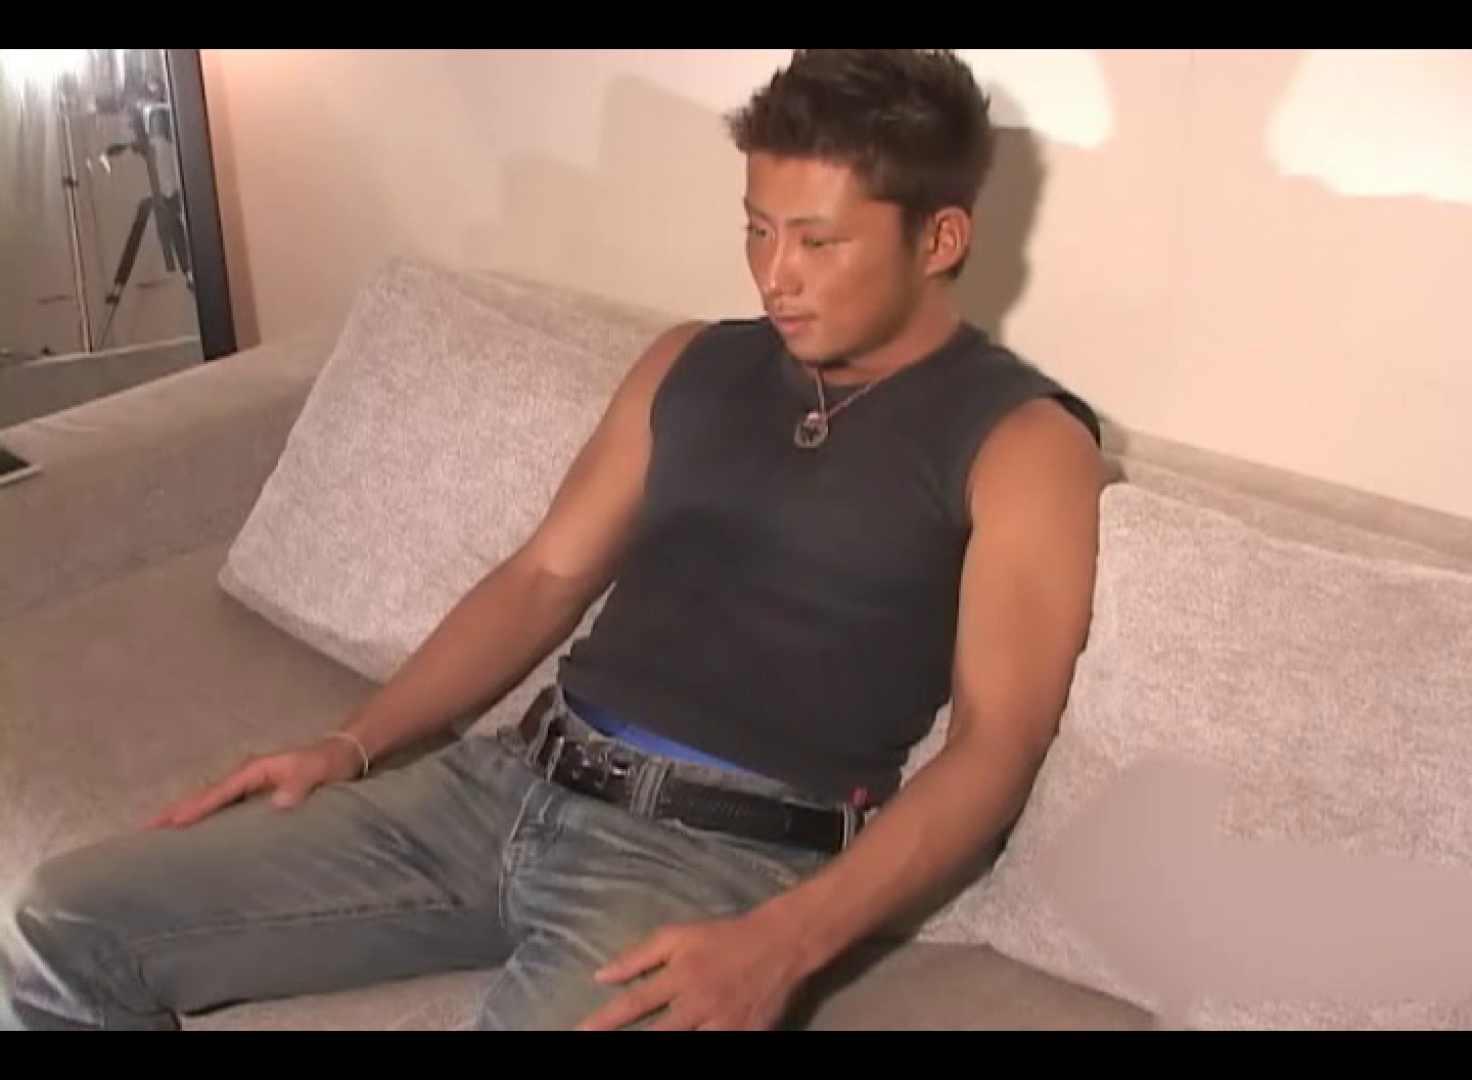 オラオラ系兄さんが超絶テクニックでイクっ!!後編 ガチムチマッチョ系男子 ゲイ射精画像 65枚 19